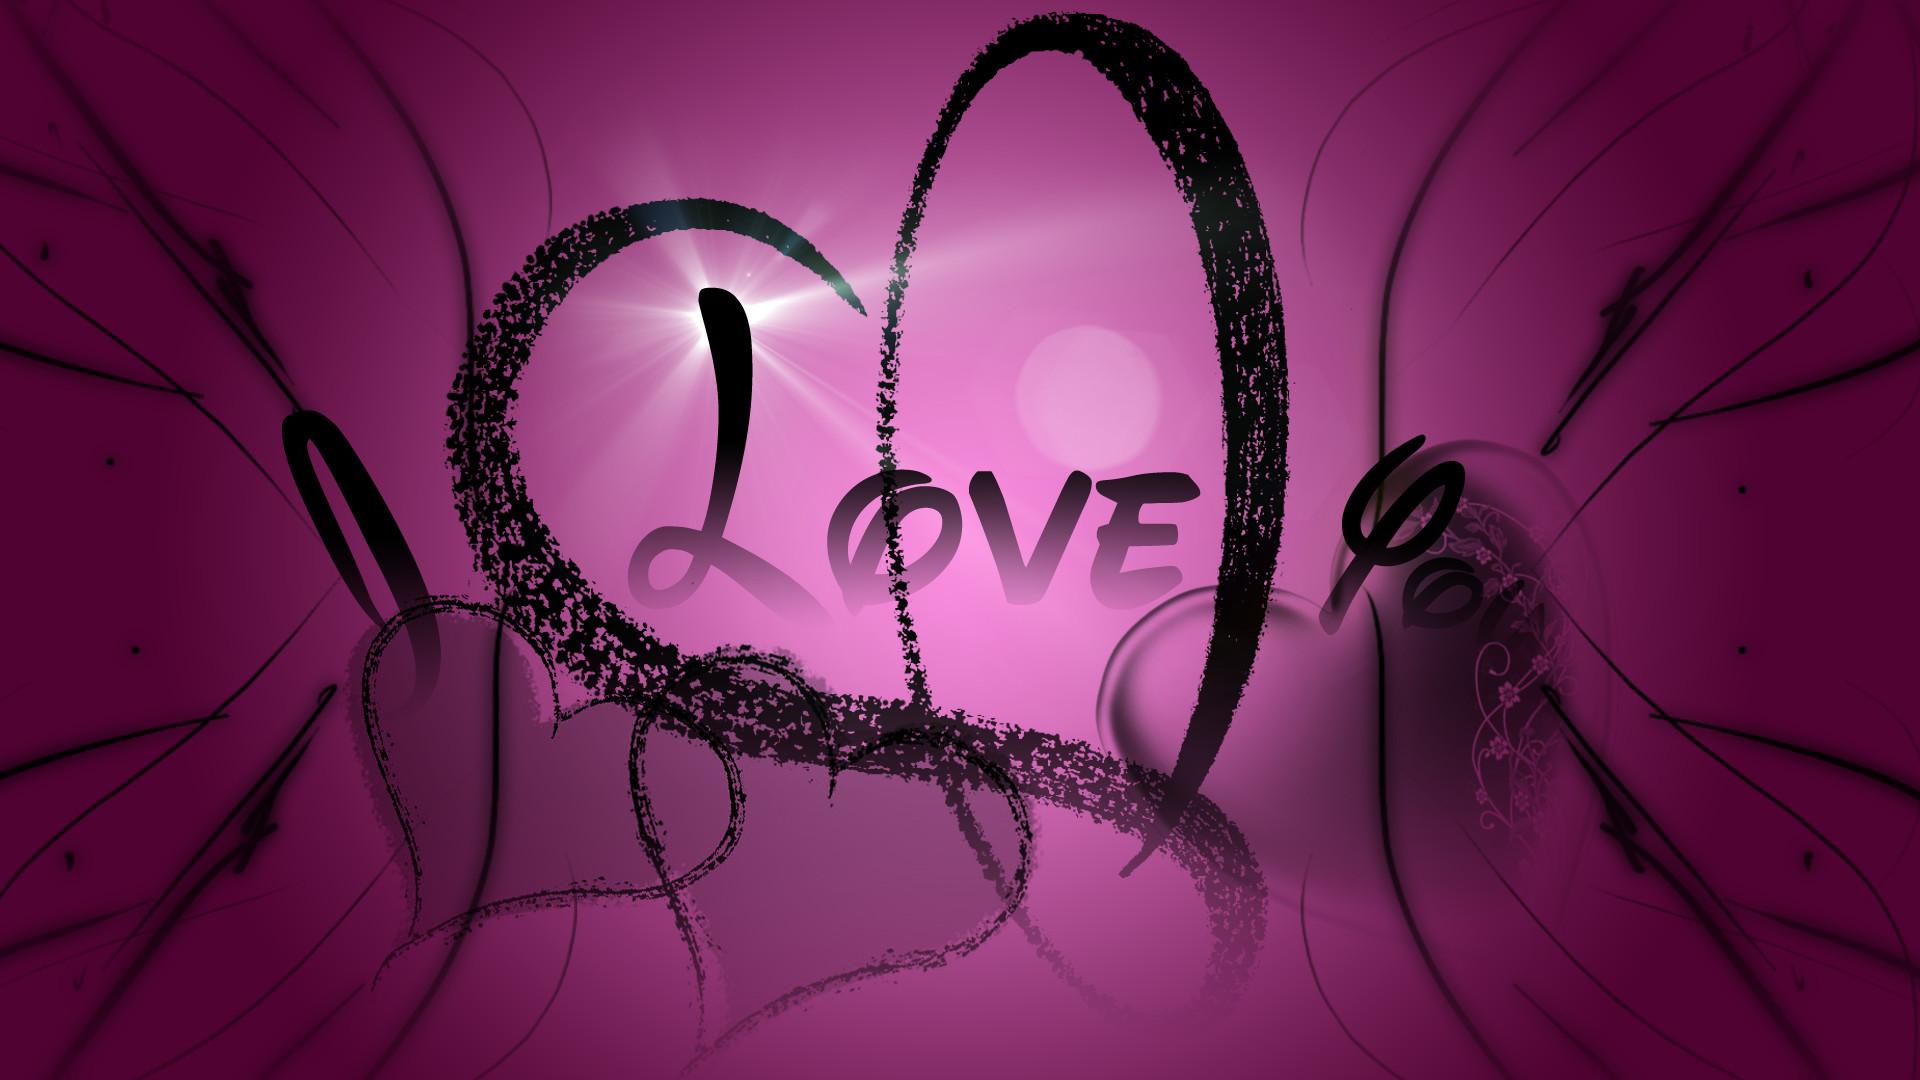 purple hearts for hope   Purple Hearts Wallpaper   wallpaper, wallpaper hd, background  desktop